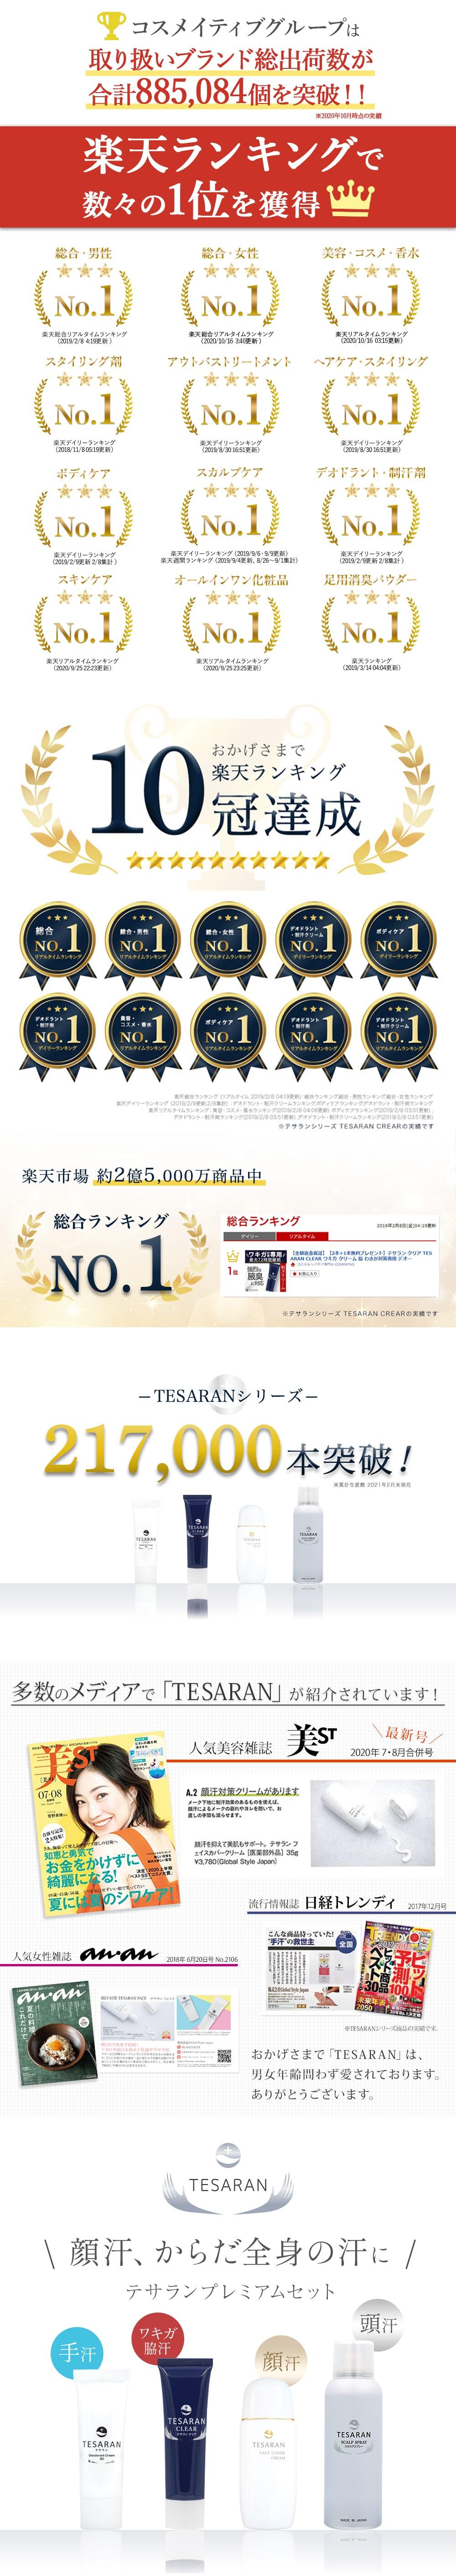 テサランシリーズ豪華セット!TESARANは男女年齢問わず愛されております。ありがとうございます。